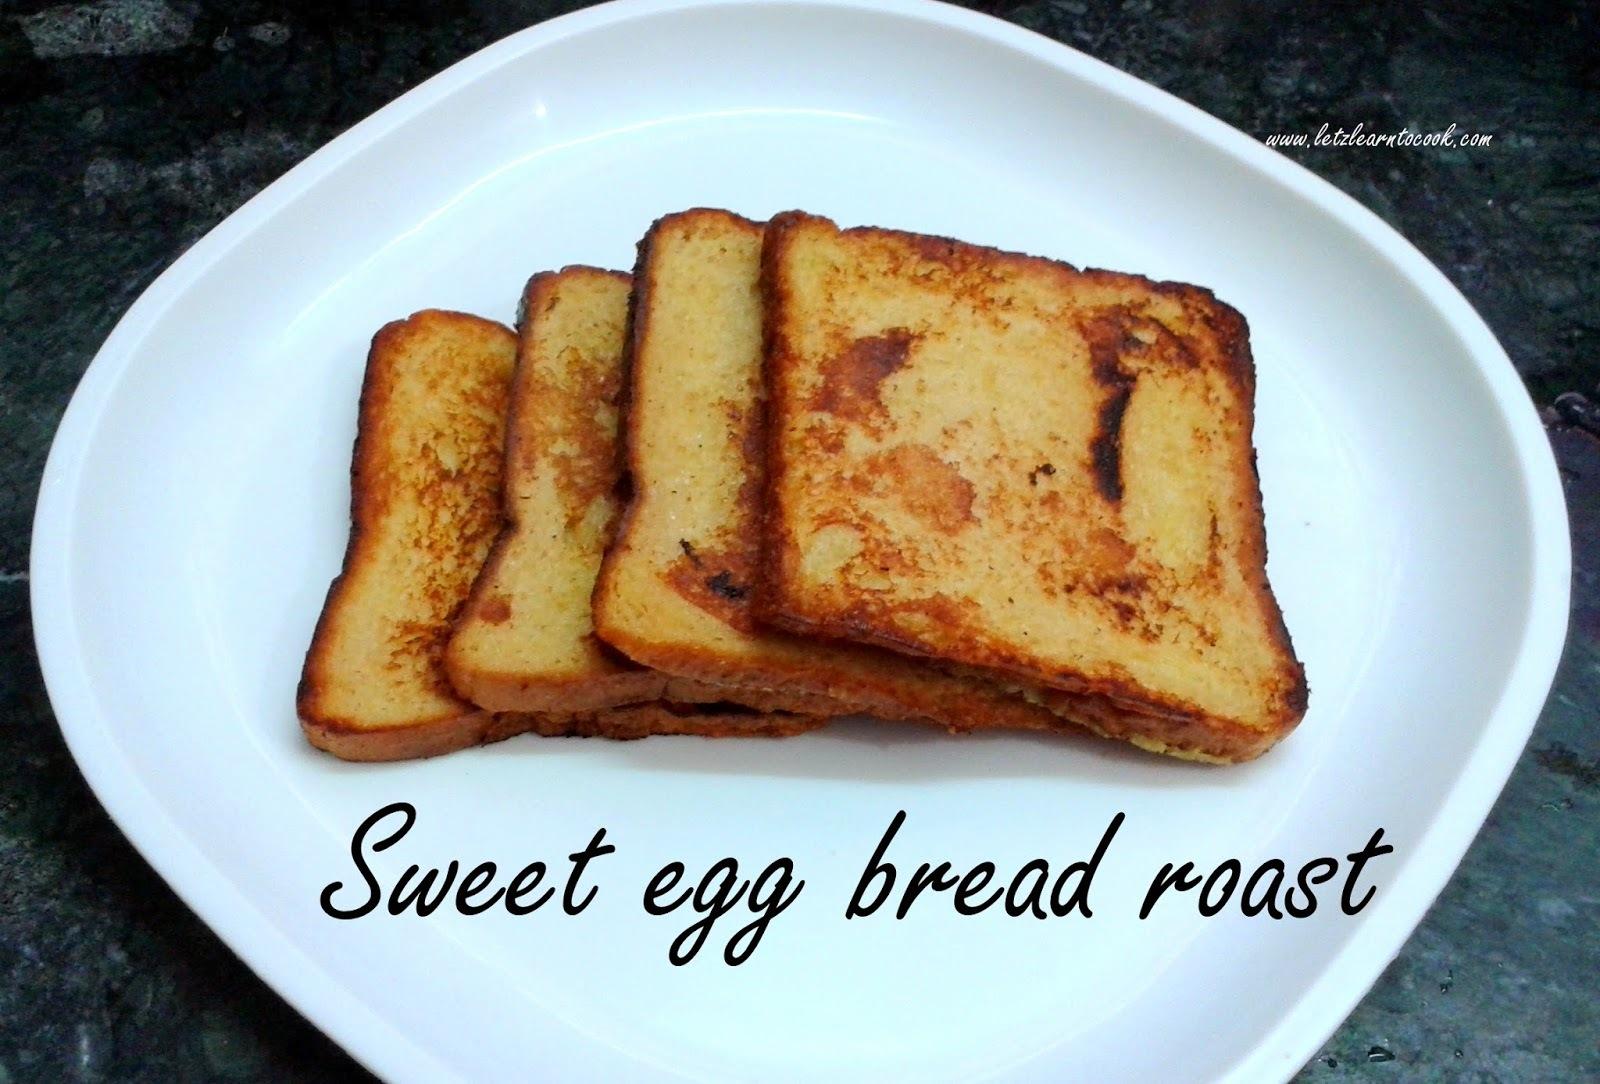 Sweet egg bread roast